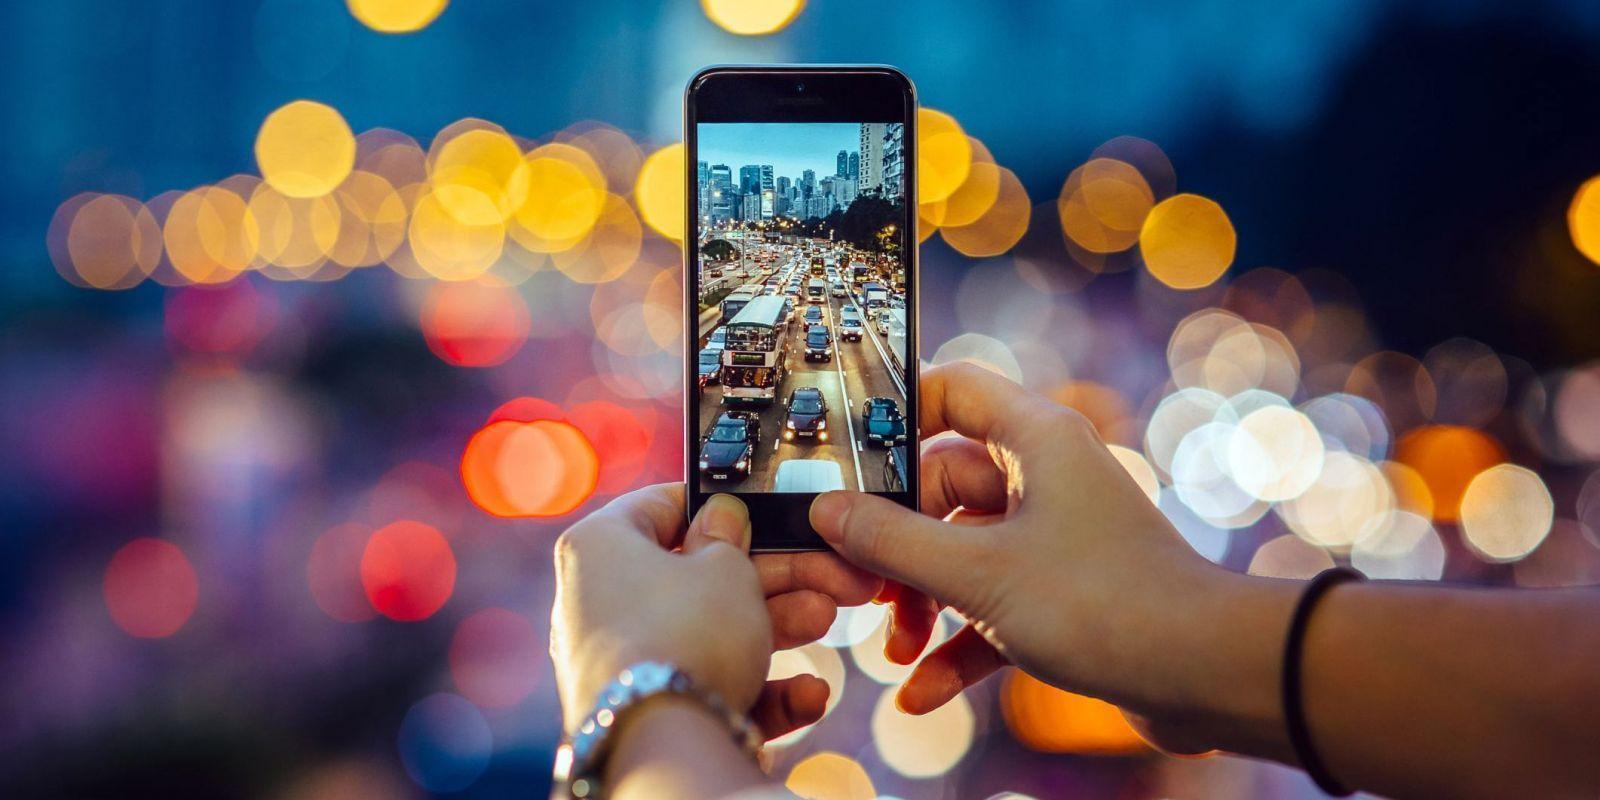 Light и Sony объединятся для улучшения мобильной фотографии (gettyimages 529231383 crop 5a29aff9eb4d52003646ed43)